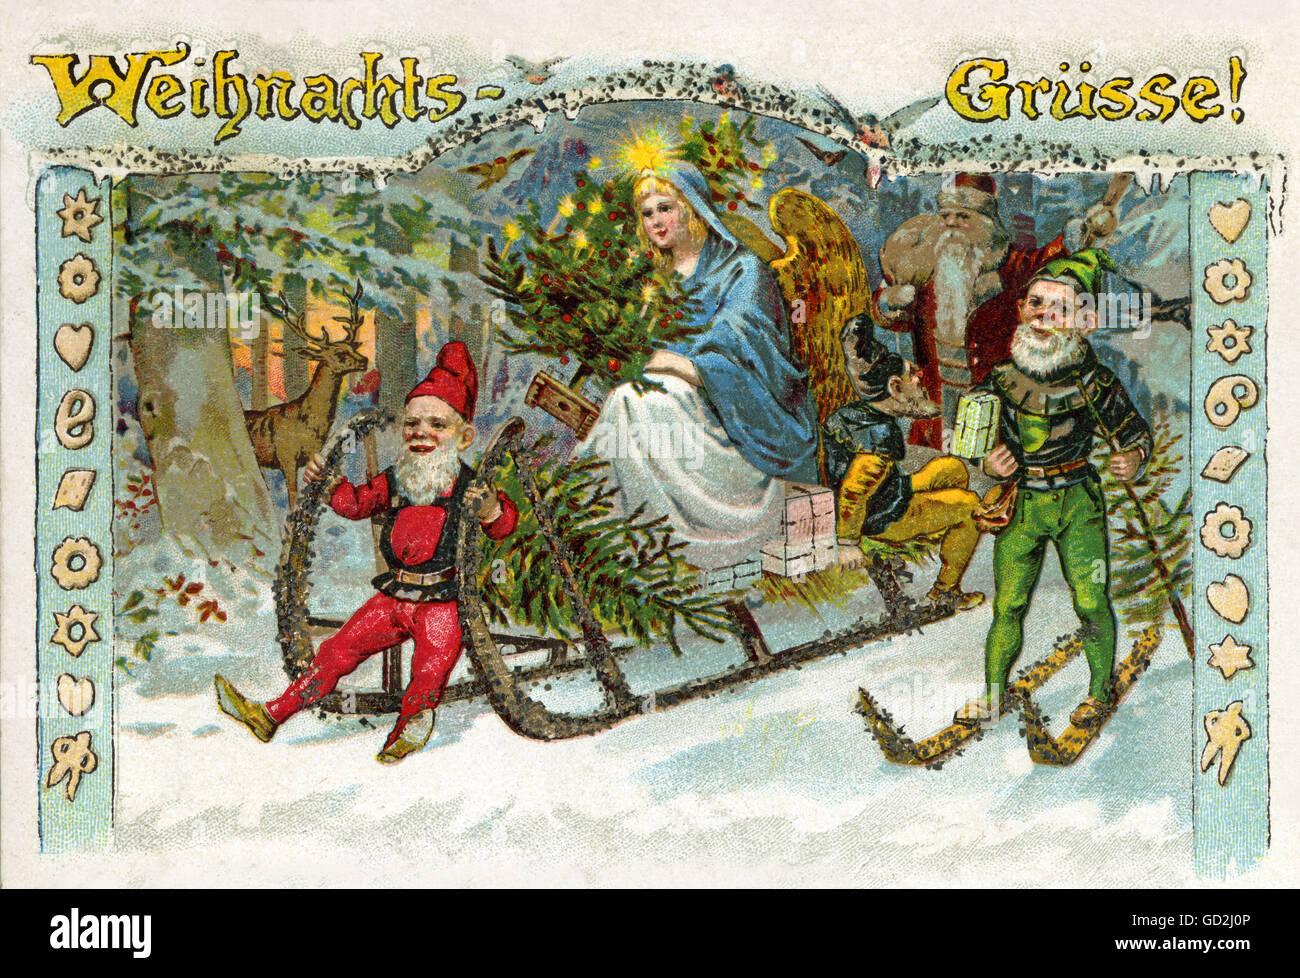 Weihnachtsgrüße Christkind.Weihnachten Weihnachtsgrüße Das Christkind In Der Nacht Auf Einem